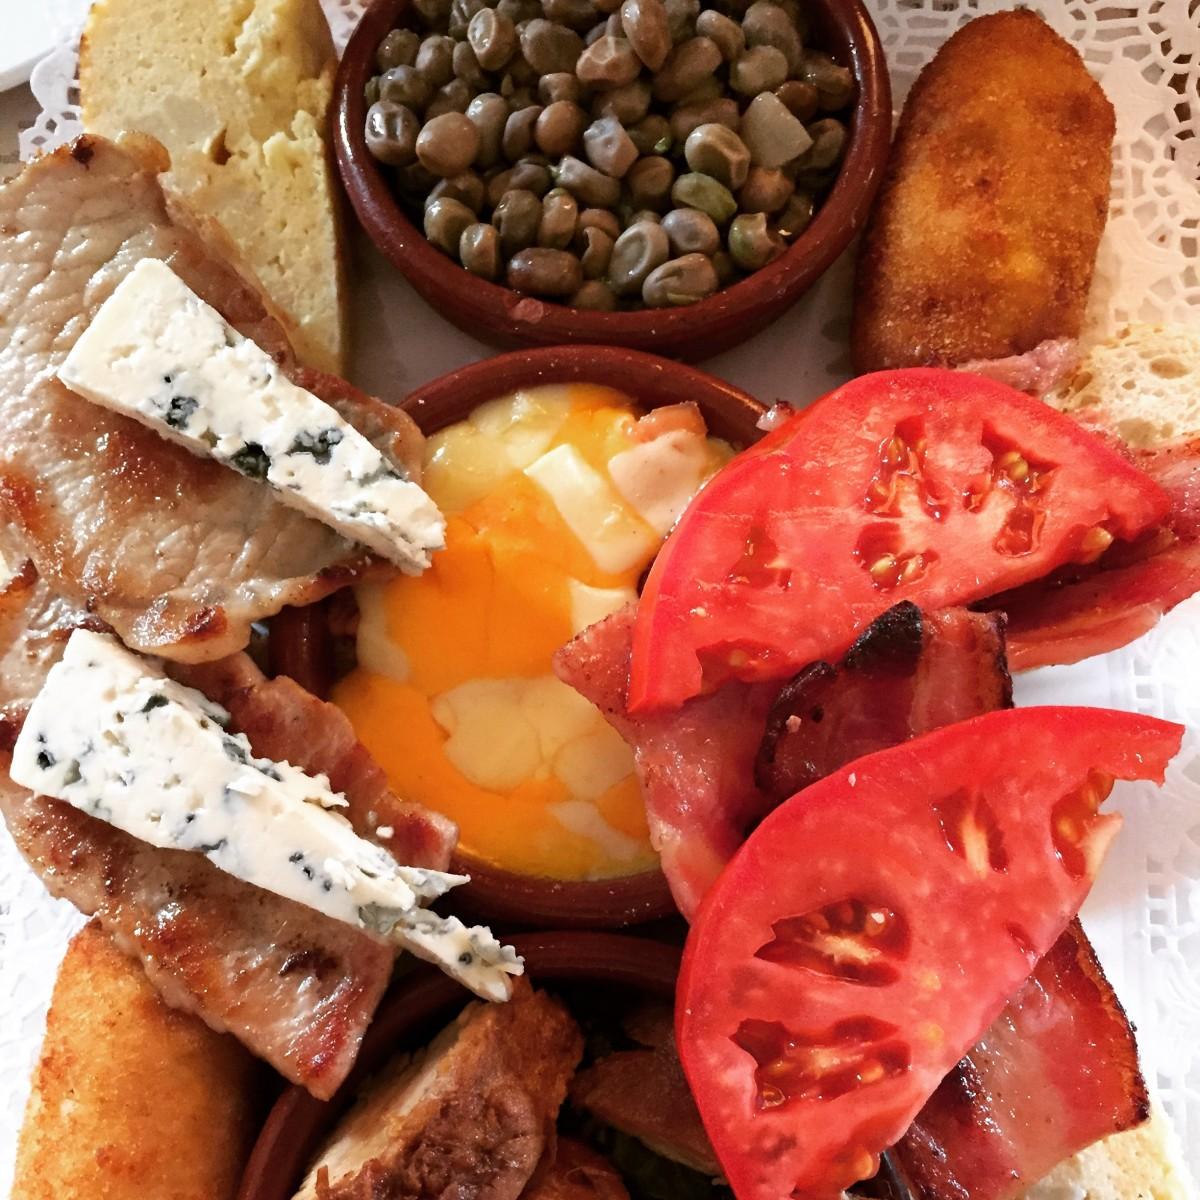 tapas_spanish_food.jpg